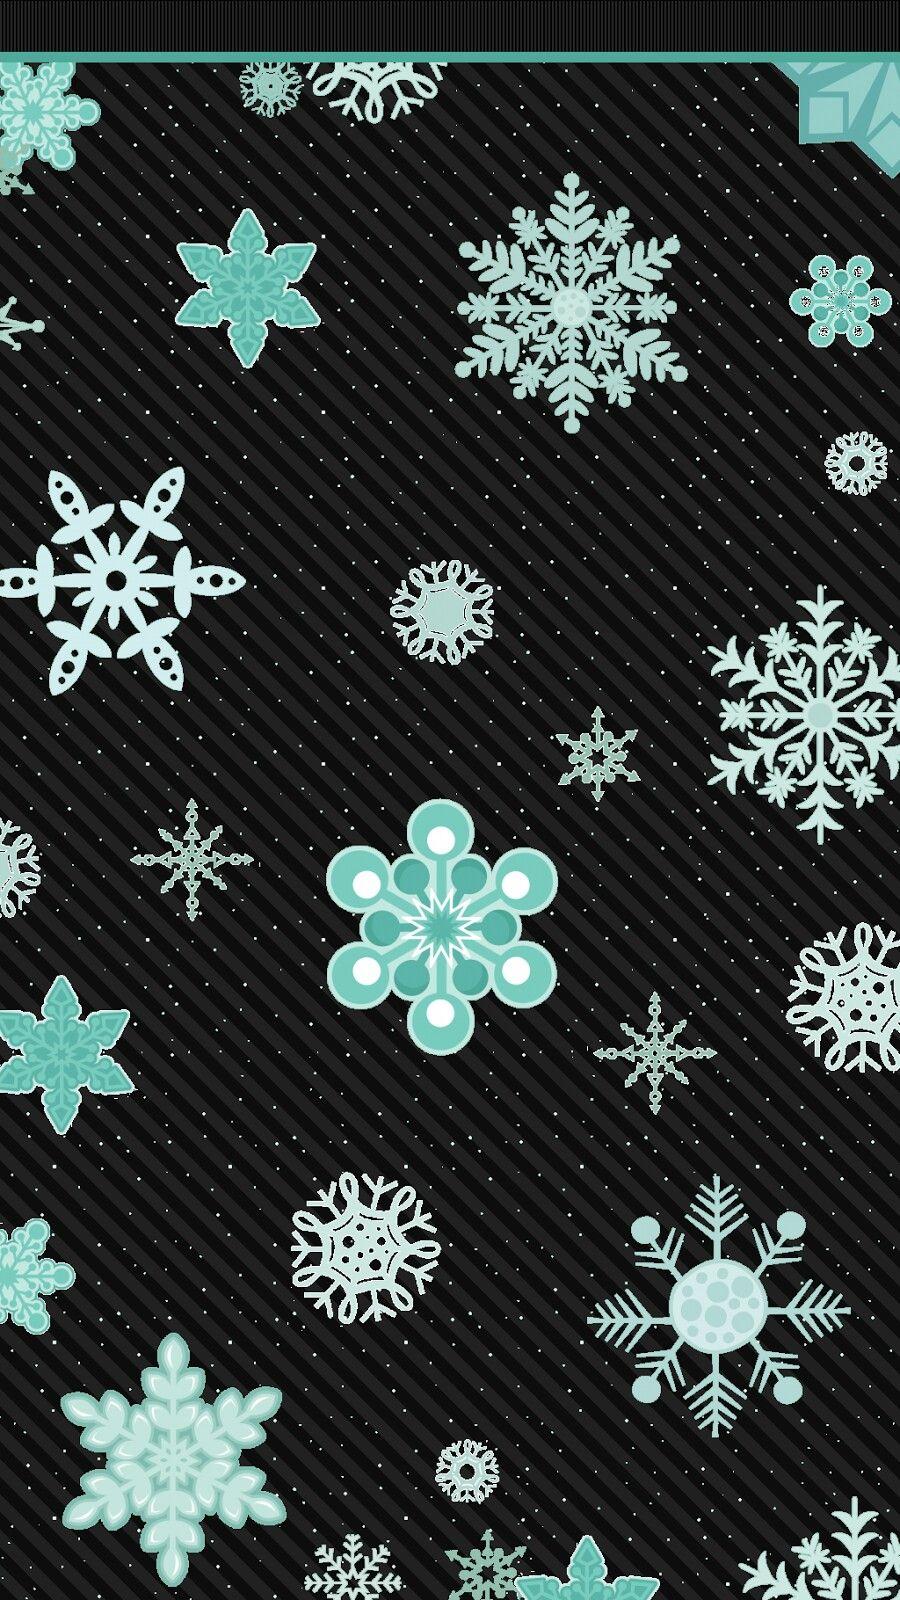 Cute snowflake wallpaper phone wallpapers pinterest cute snowflake wallpaper voltagebd Images